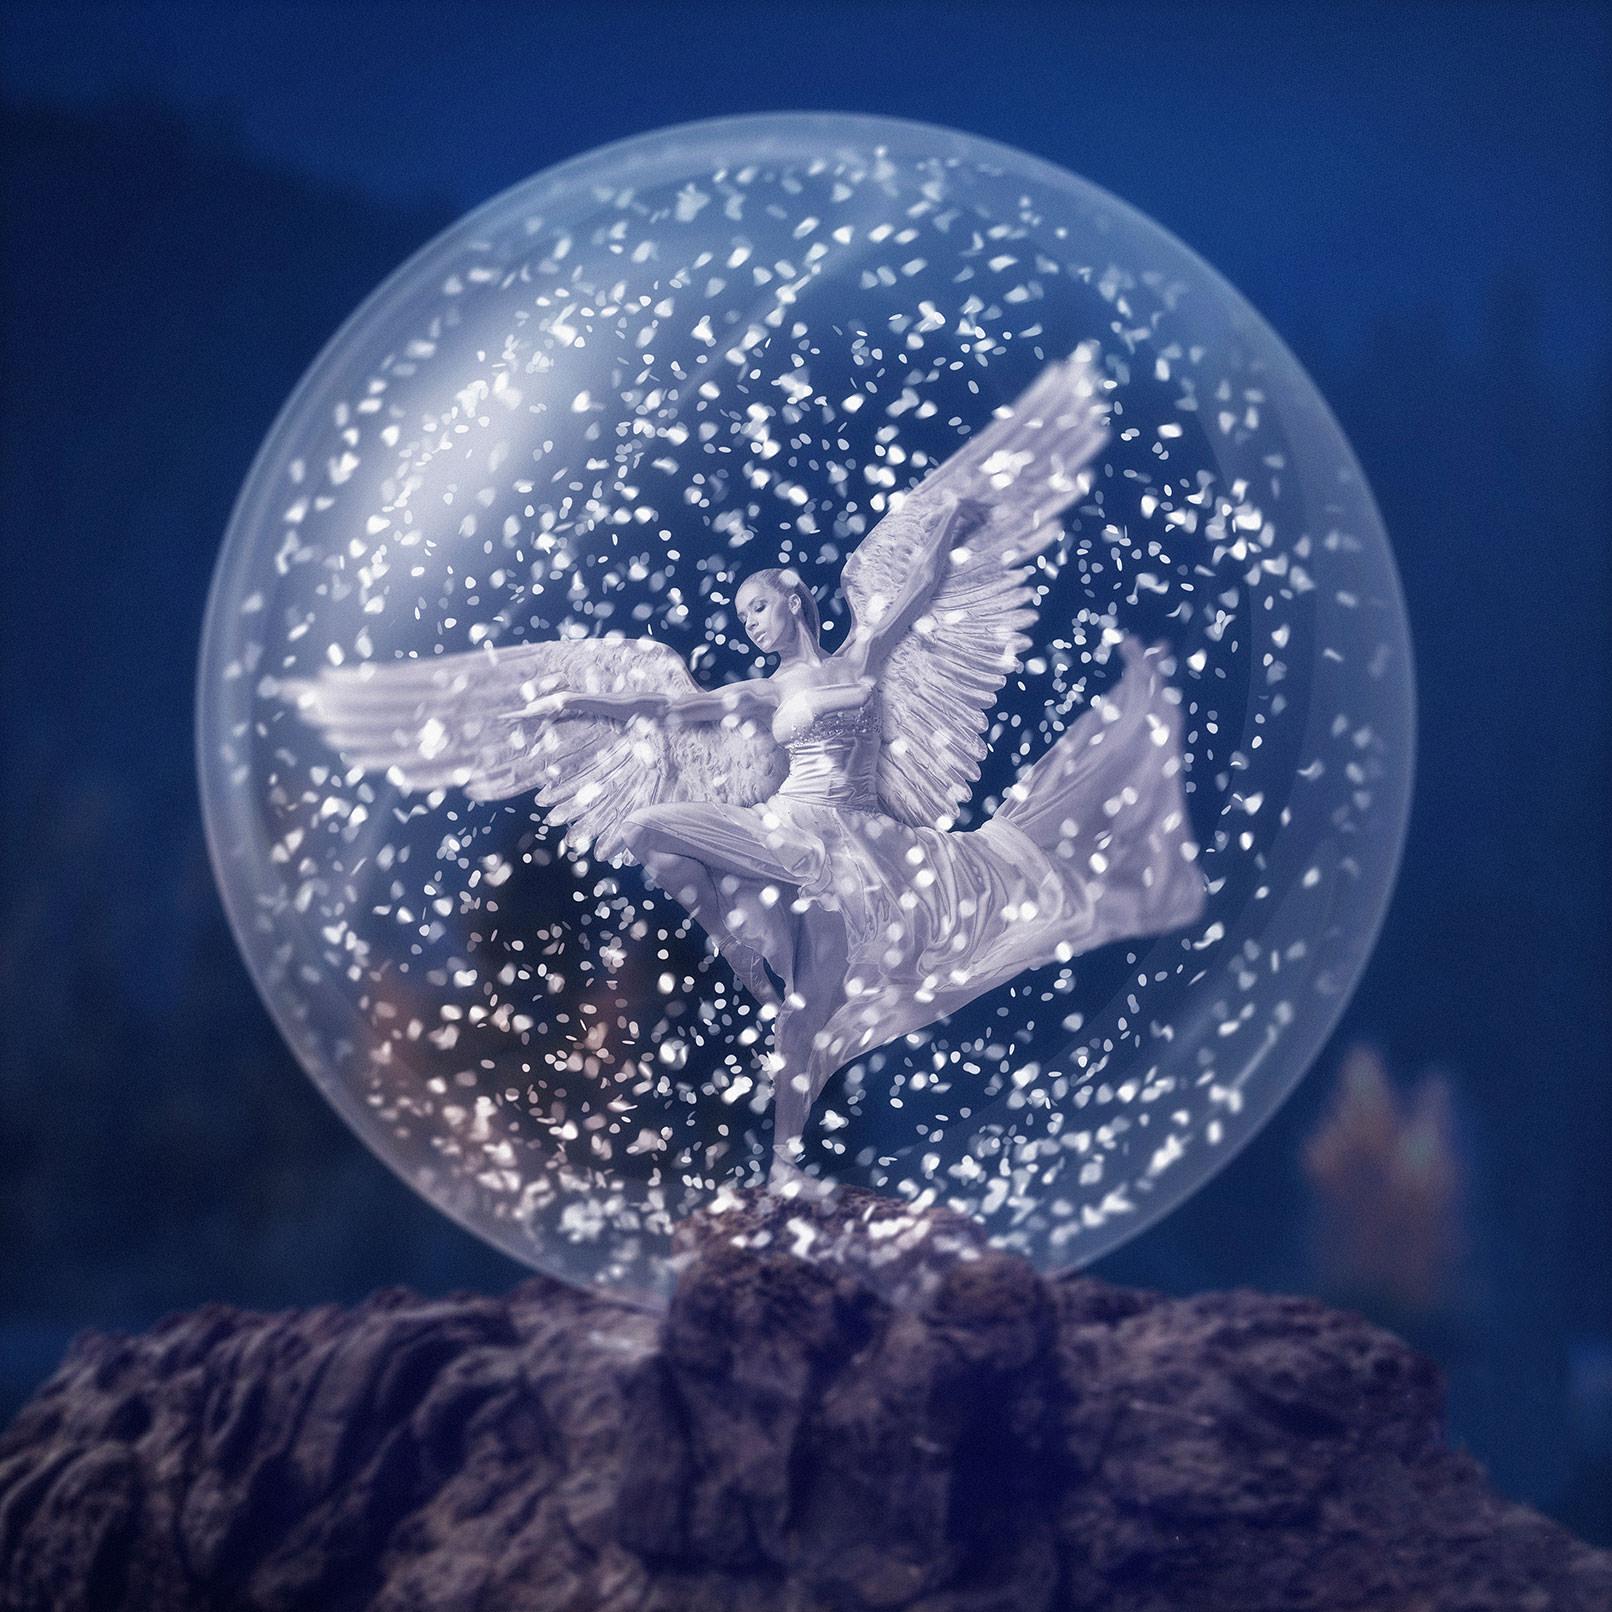 Compositing eines Weihnachtsengels in einer Schneekugel, erstellt im Affinity Photo Tutorial auf deutsch.